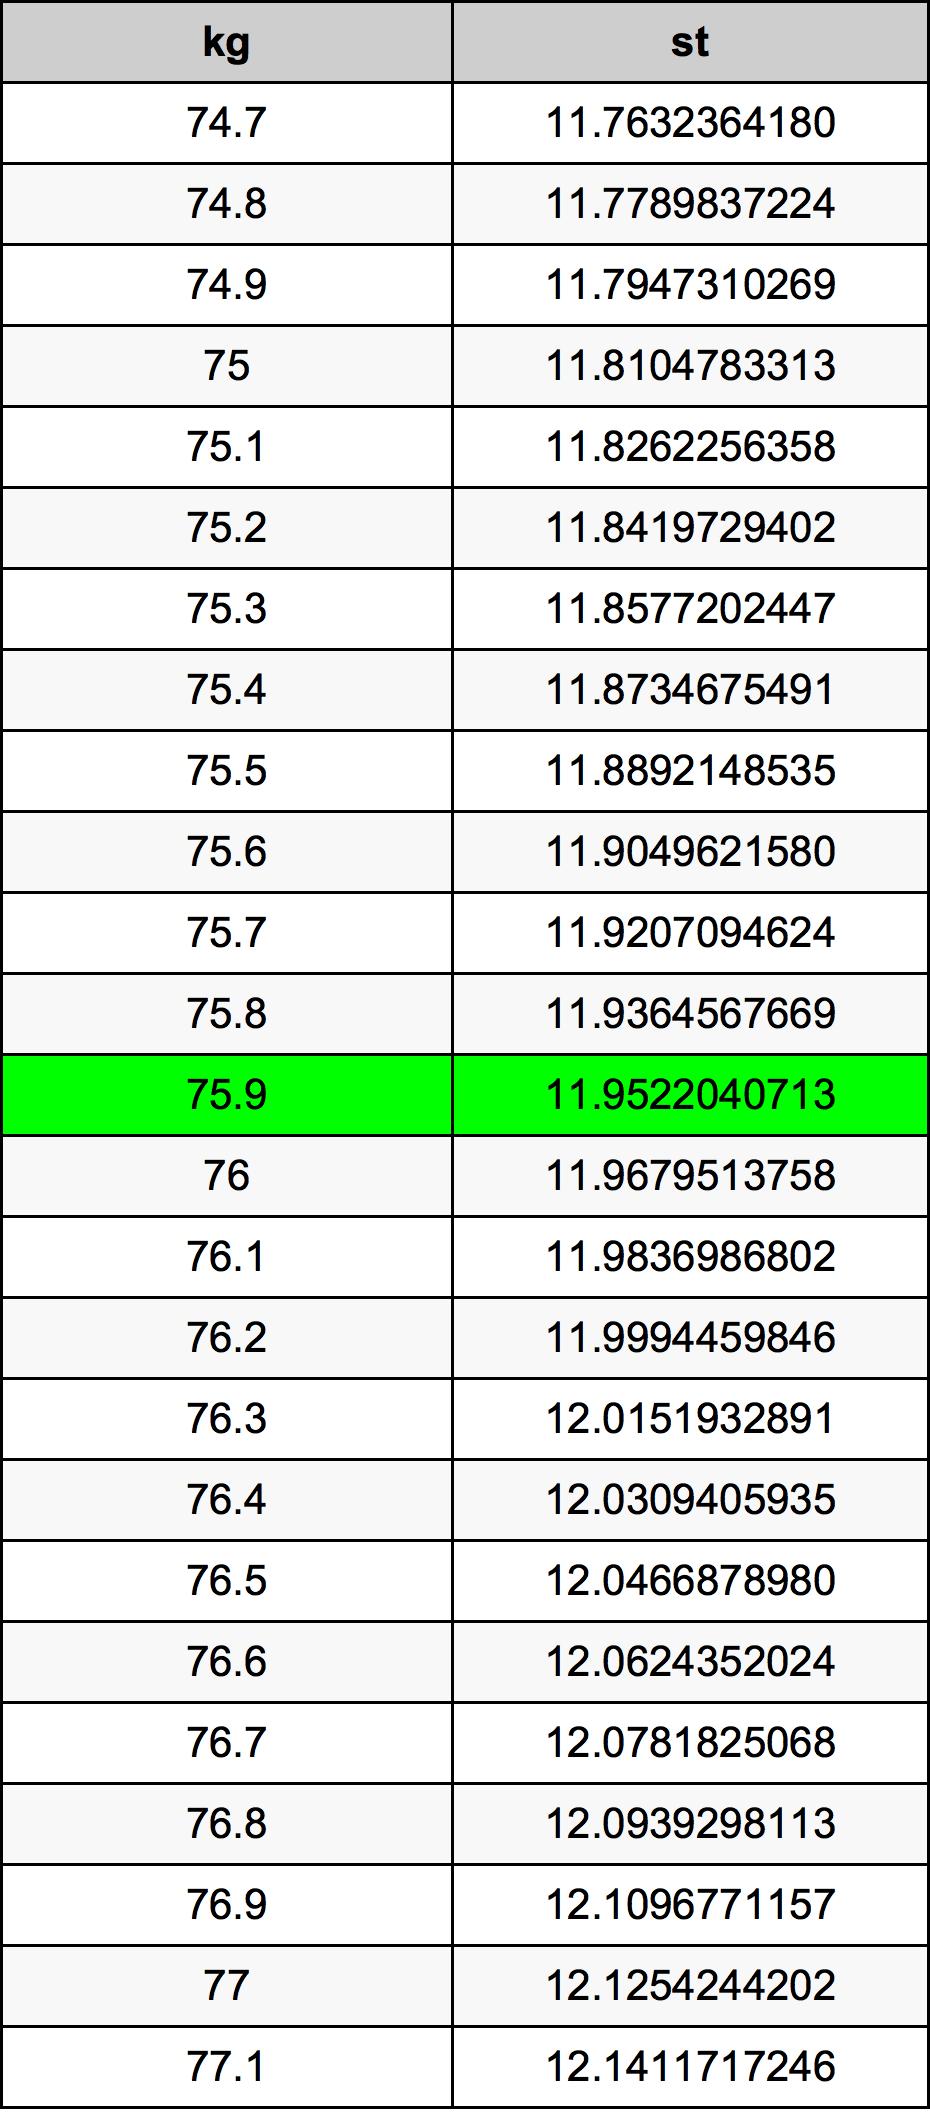 75.9 Kilogramo Tabla de conversión